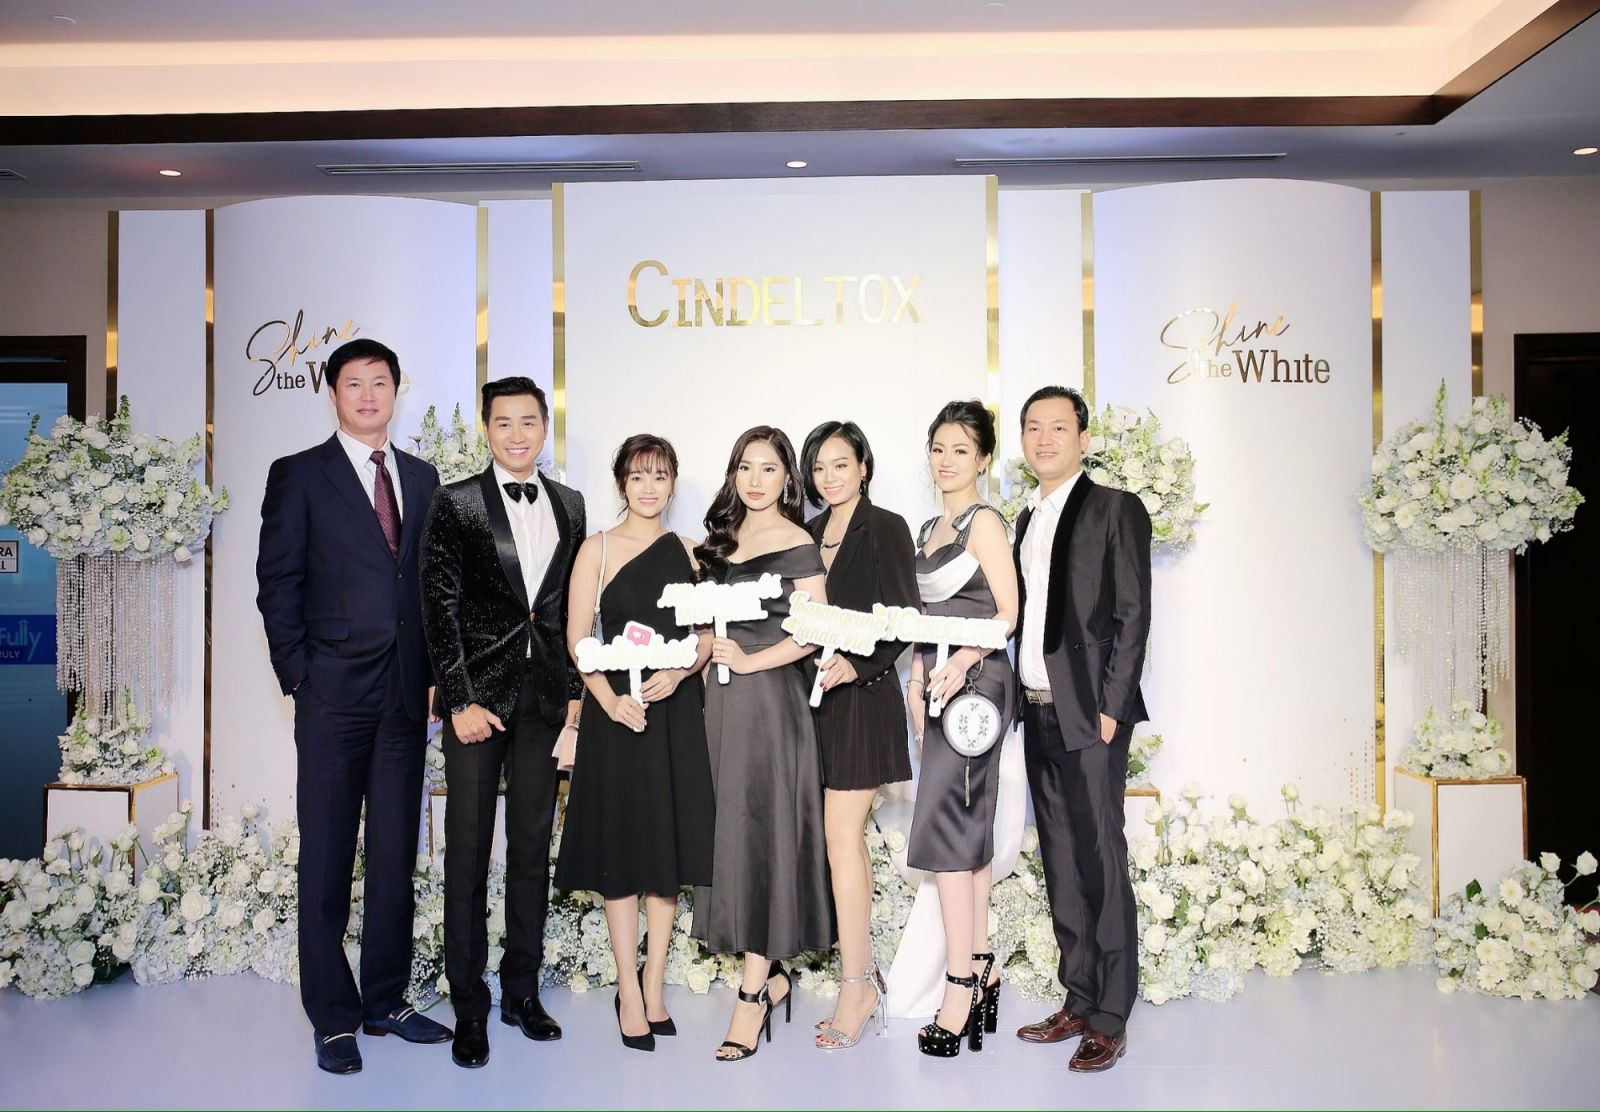 Ceo Công ty TNHH Thiên Long, bà Nguyễn Sơn Trúc (thứ 2 từ phải sang) chụp ảnh cùng đối tác kinh doanh đến từ Hàn Quốc và các nhà phân phối tại Việt Nam.